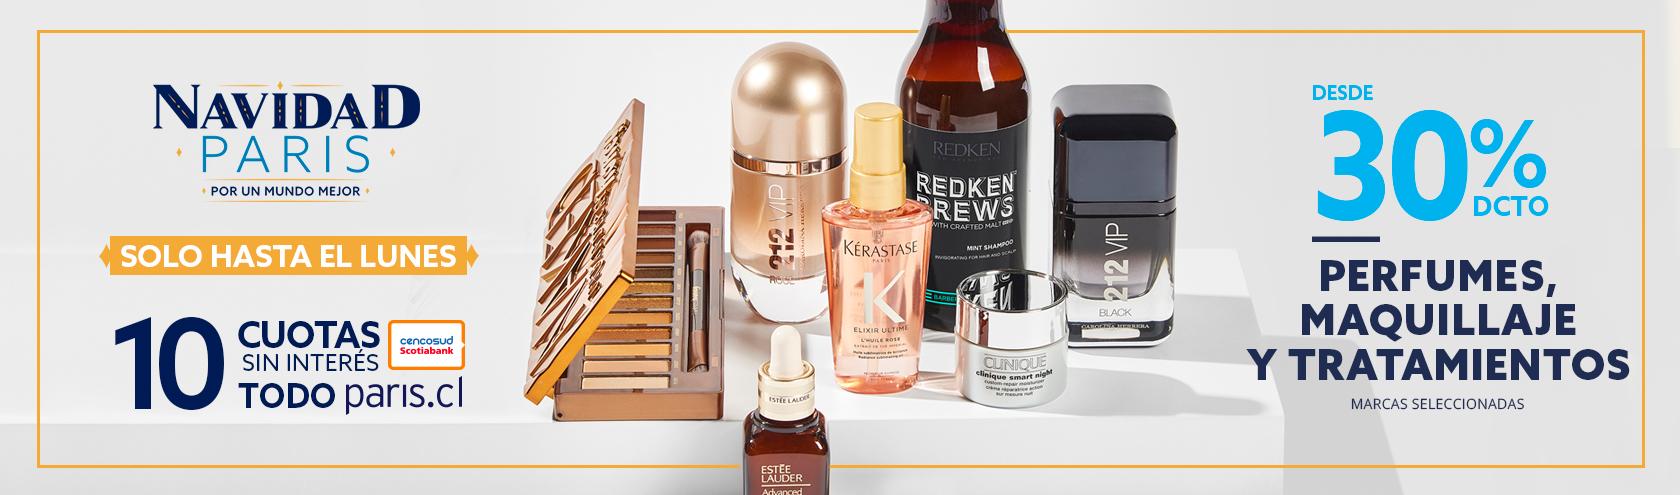 Desde 30 porciento de descuento en perfumes, maquillaje y tratamientos